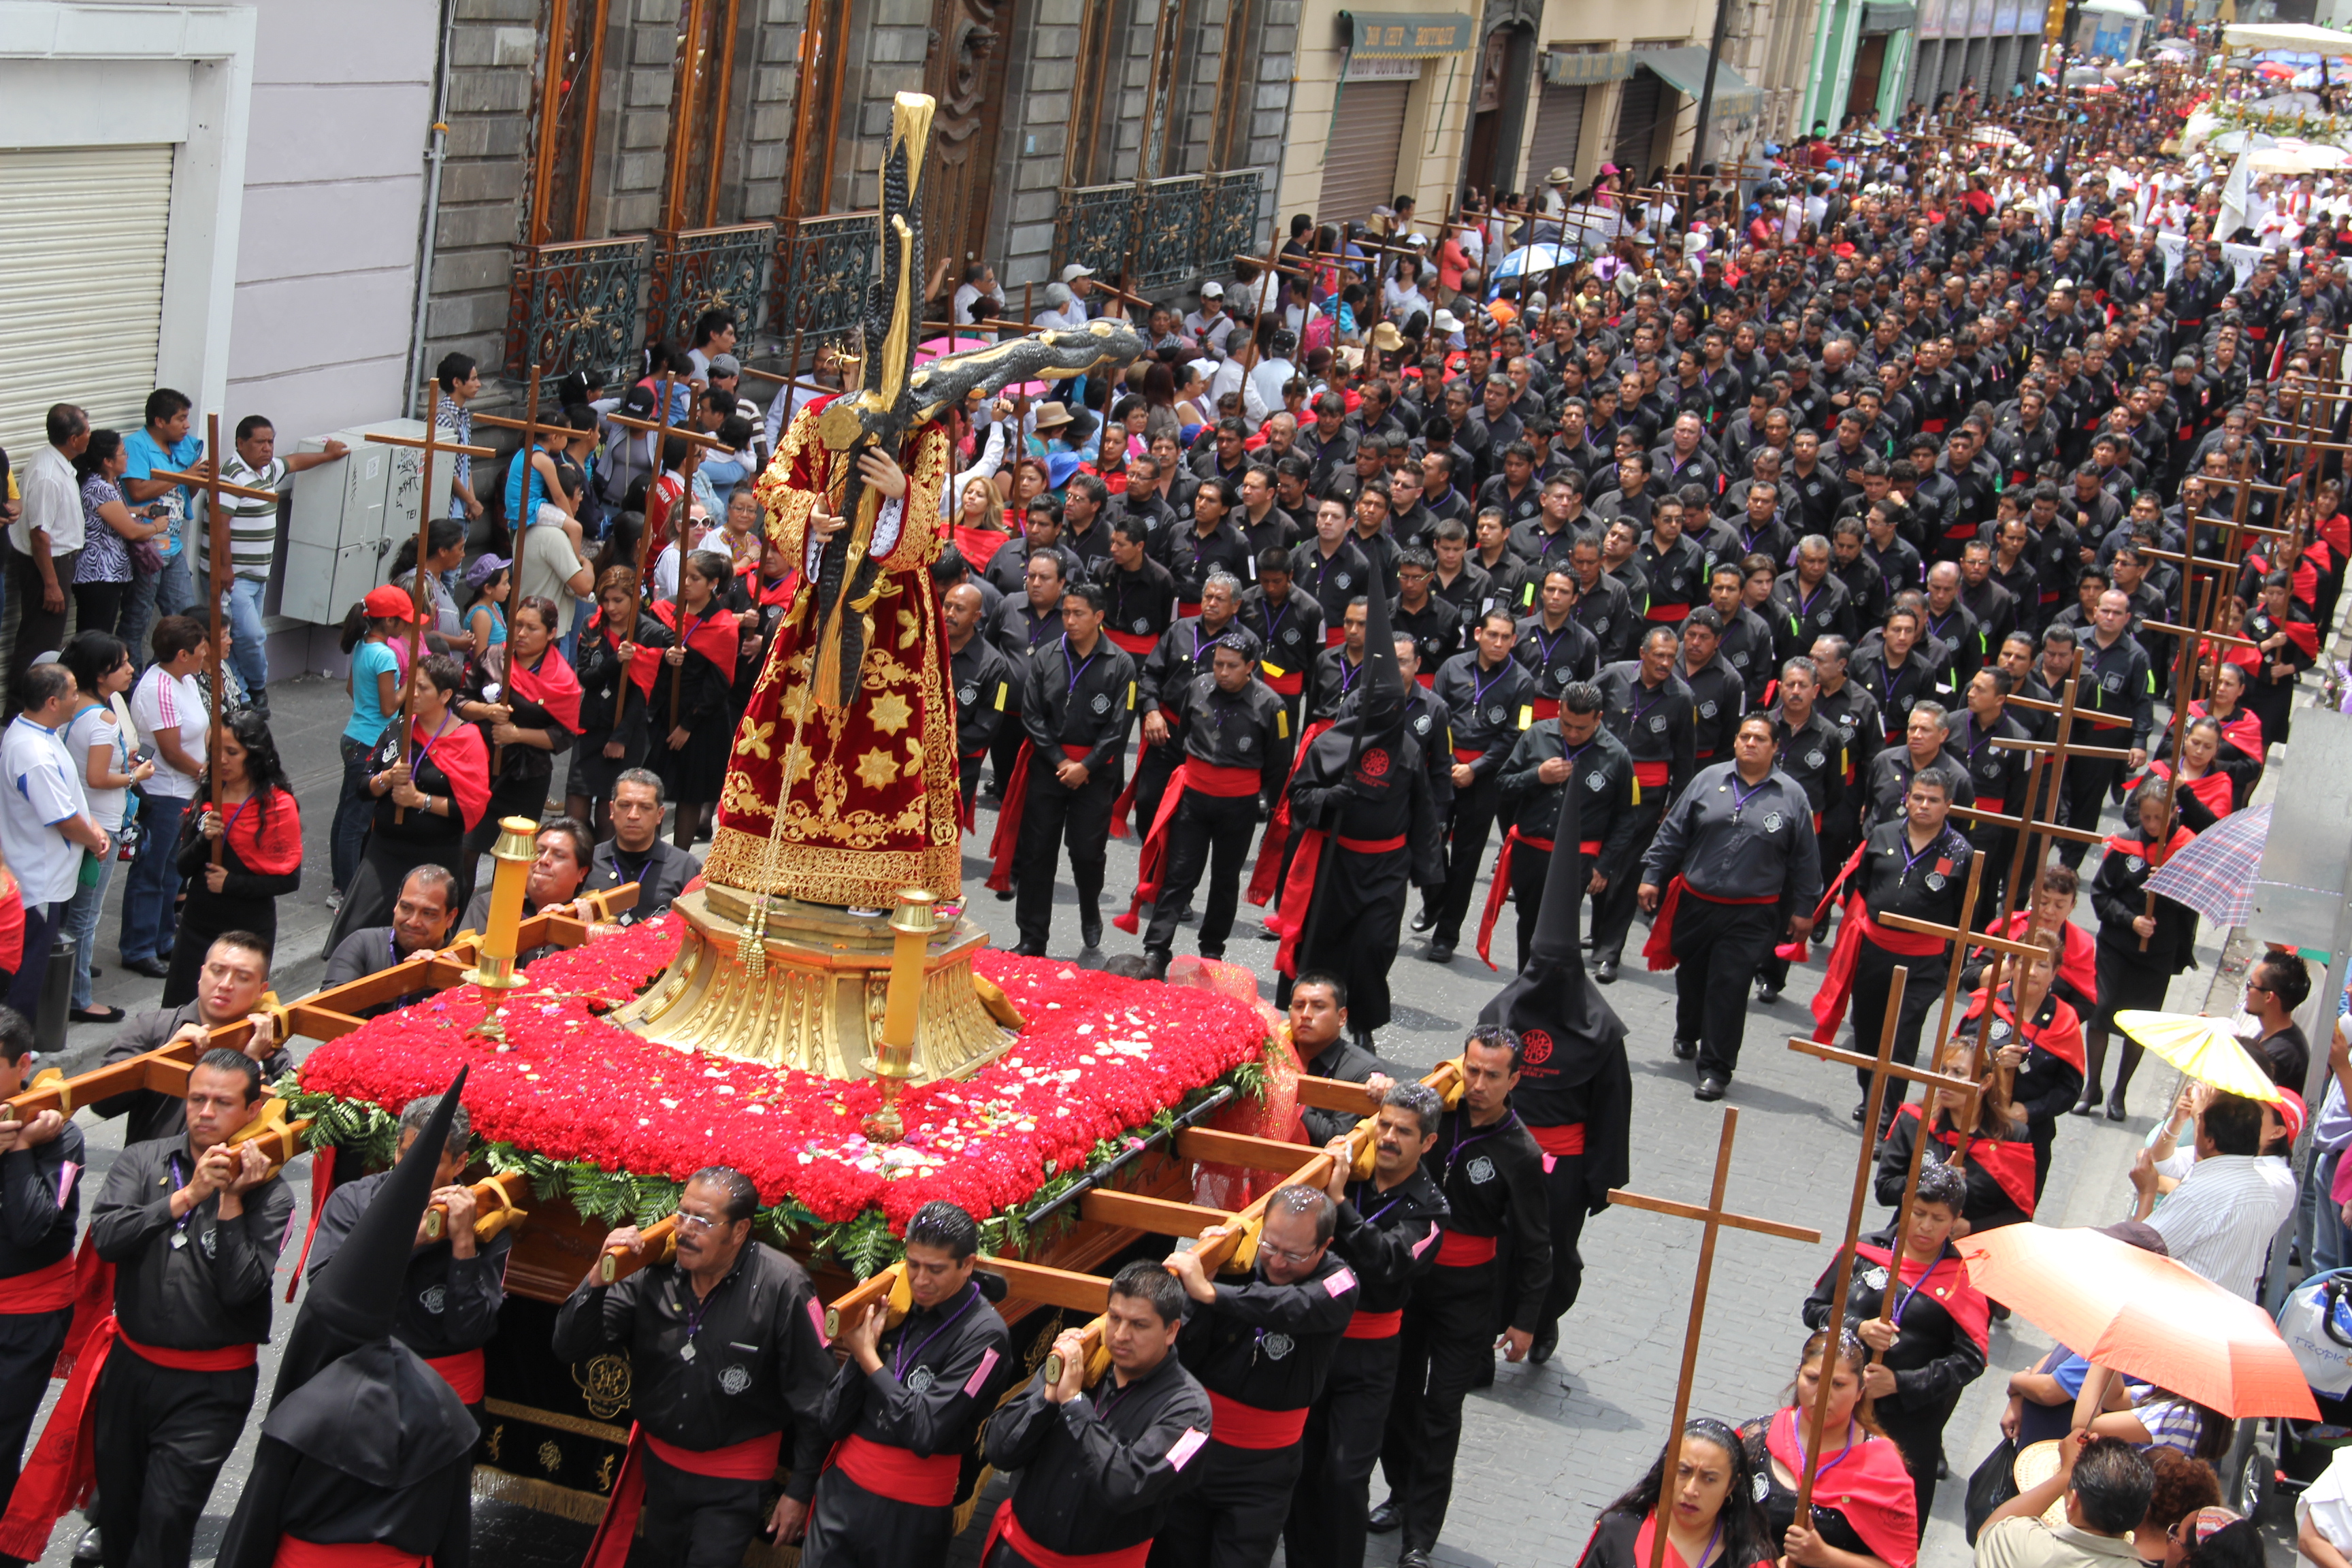 Procesión de viernes santo en la ciudad de Puebla, la más grande de México